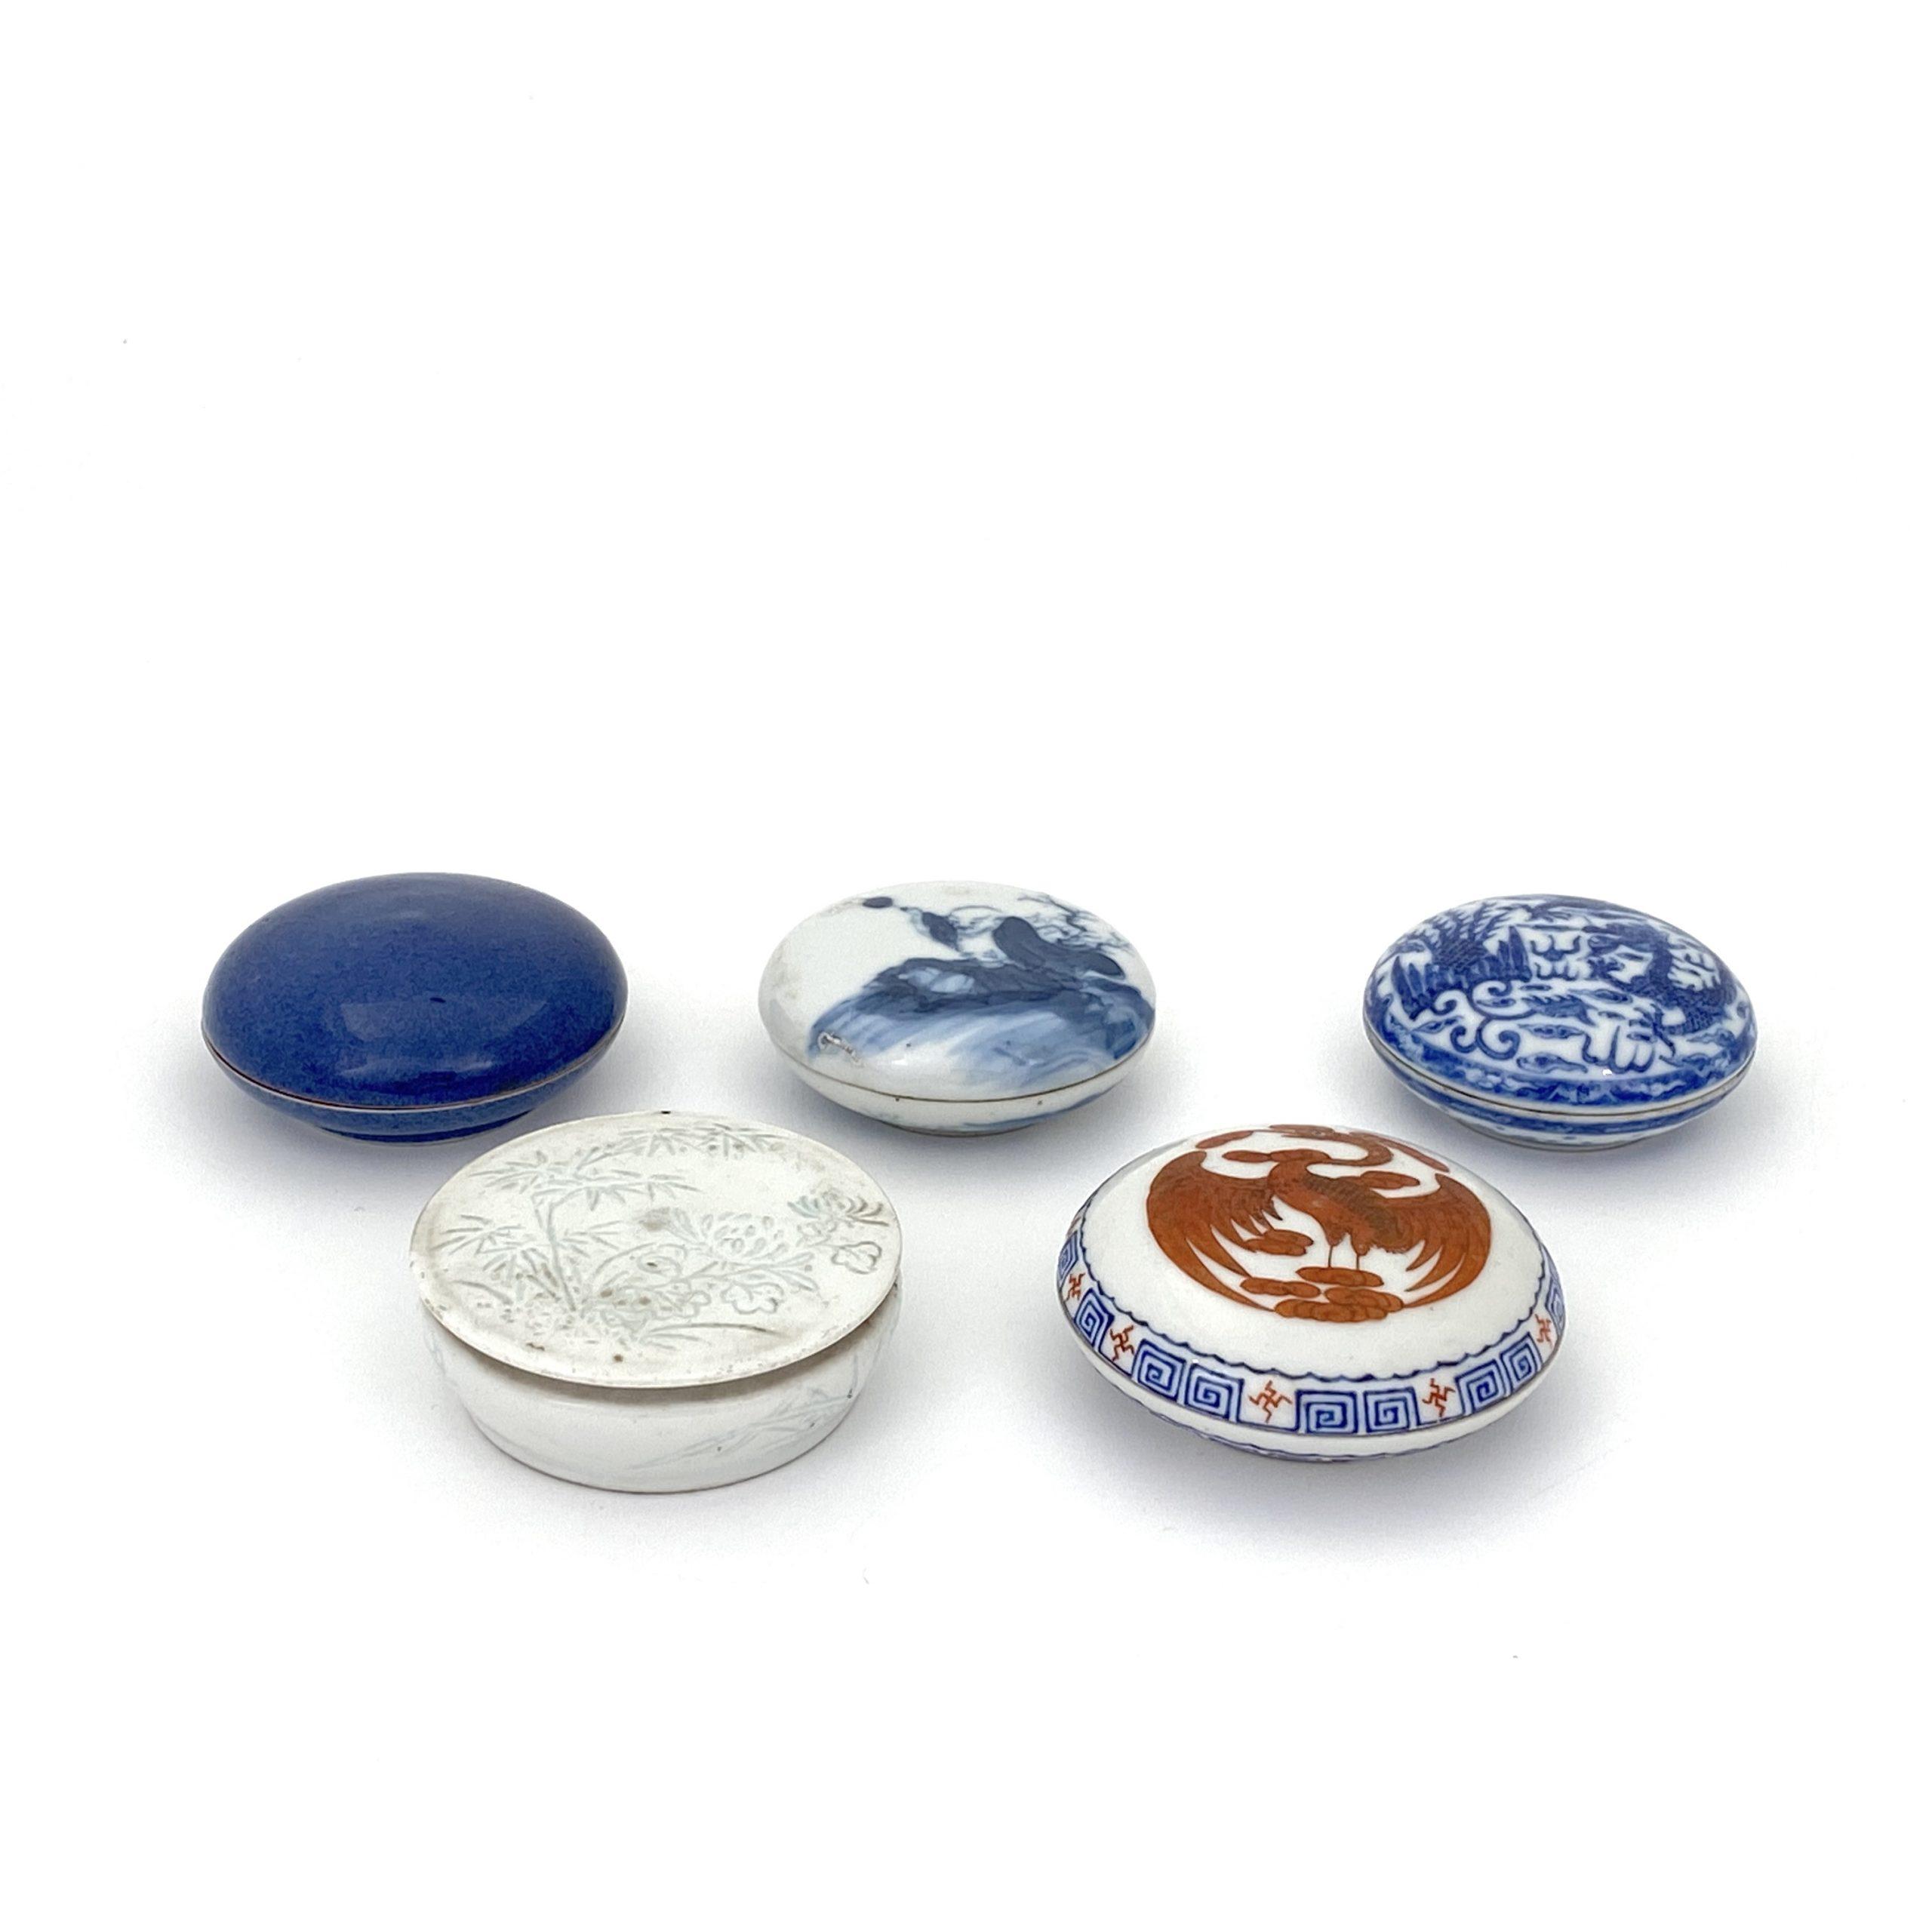 21065「乾隆年製」款 青花 赤絵 鳳凰紋 圓盒等 計5件